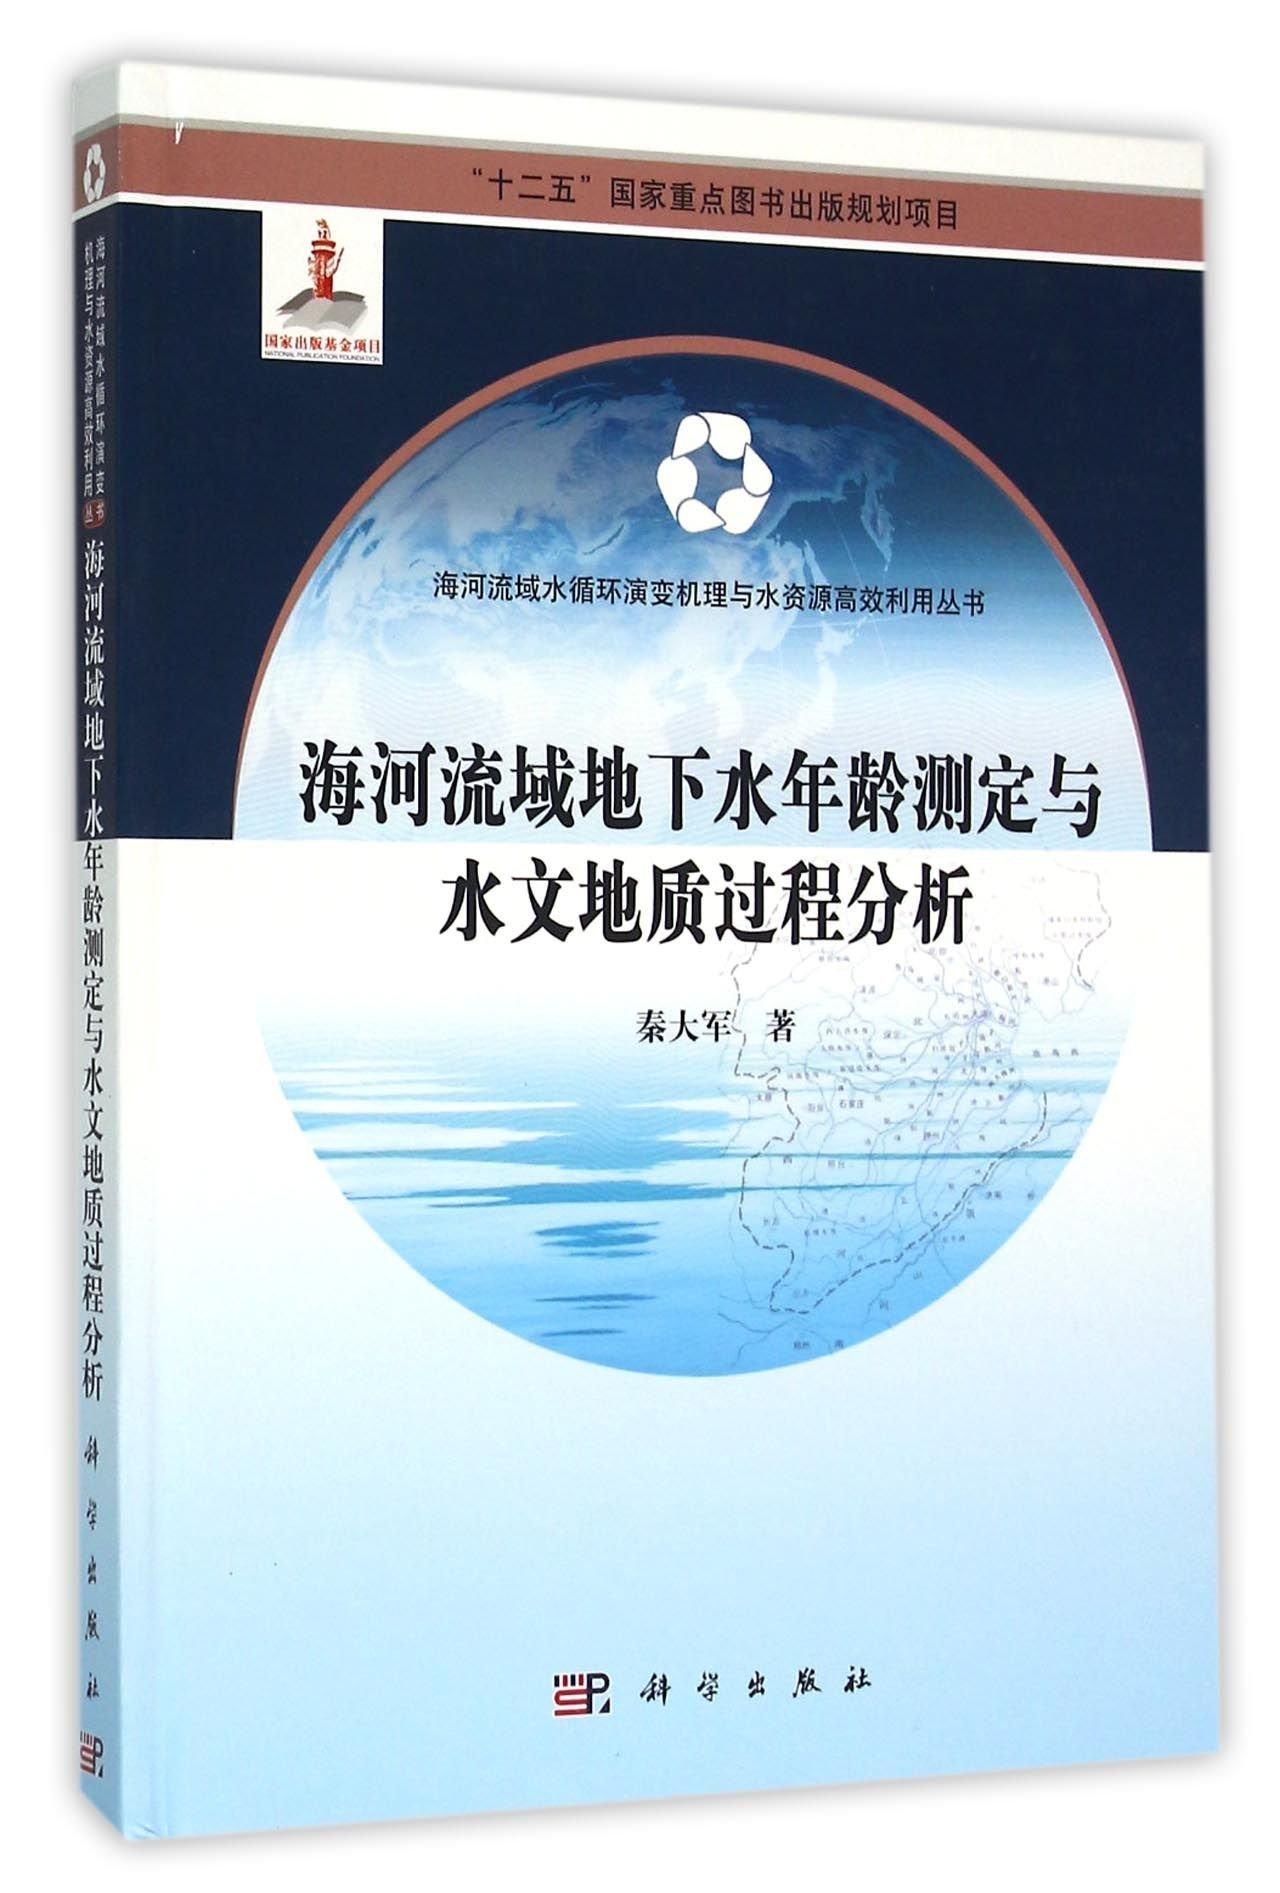 海河流域地下水年龄测定与水文地质过程分析(精)/海河流域水循环演变机理与水资源高效利用丛书 PDF